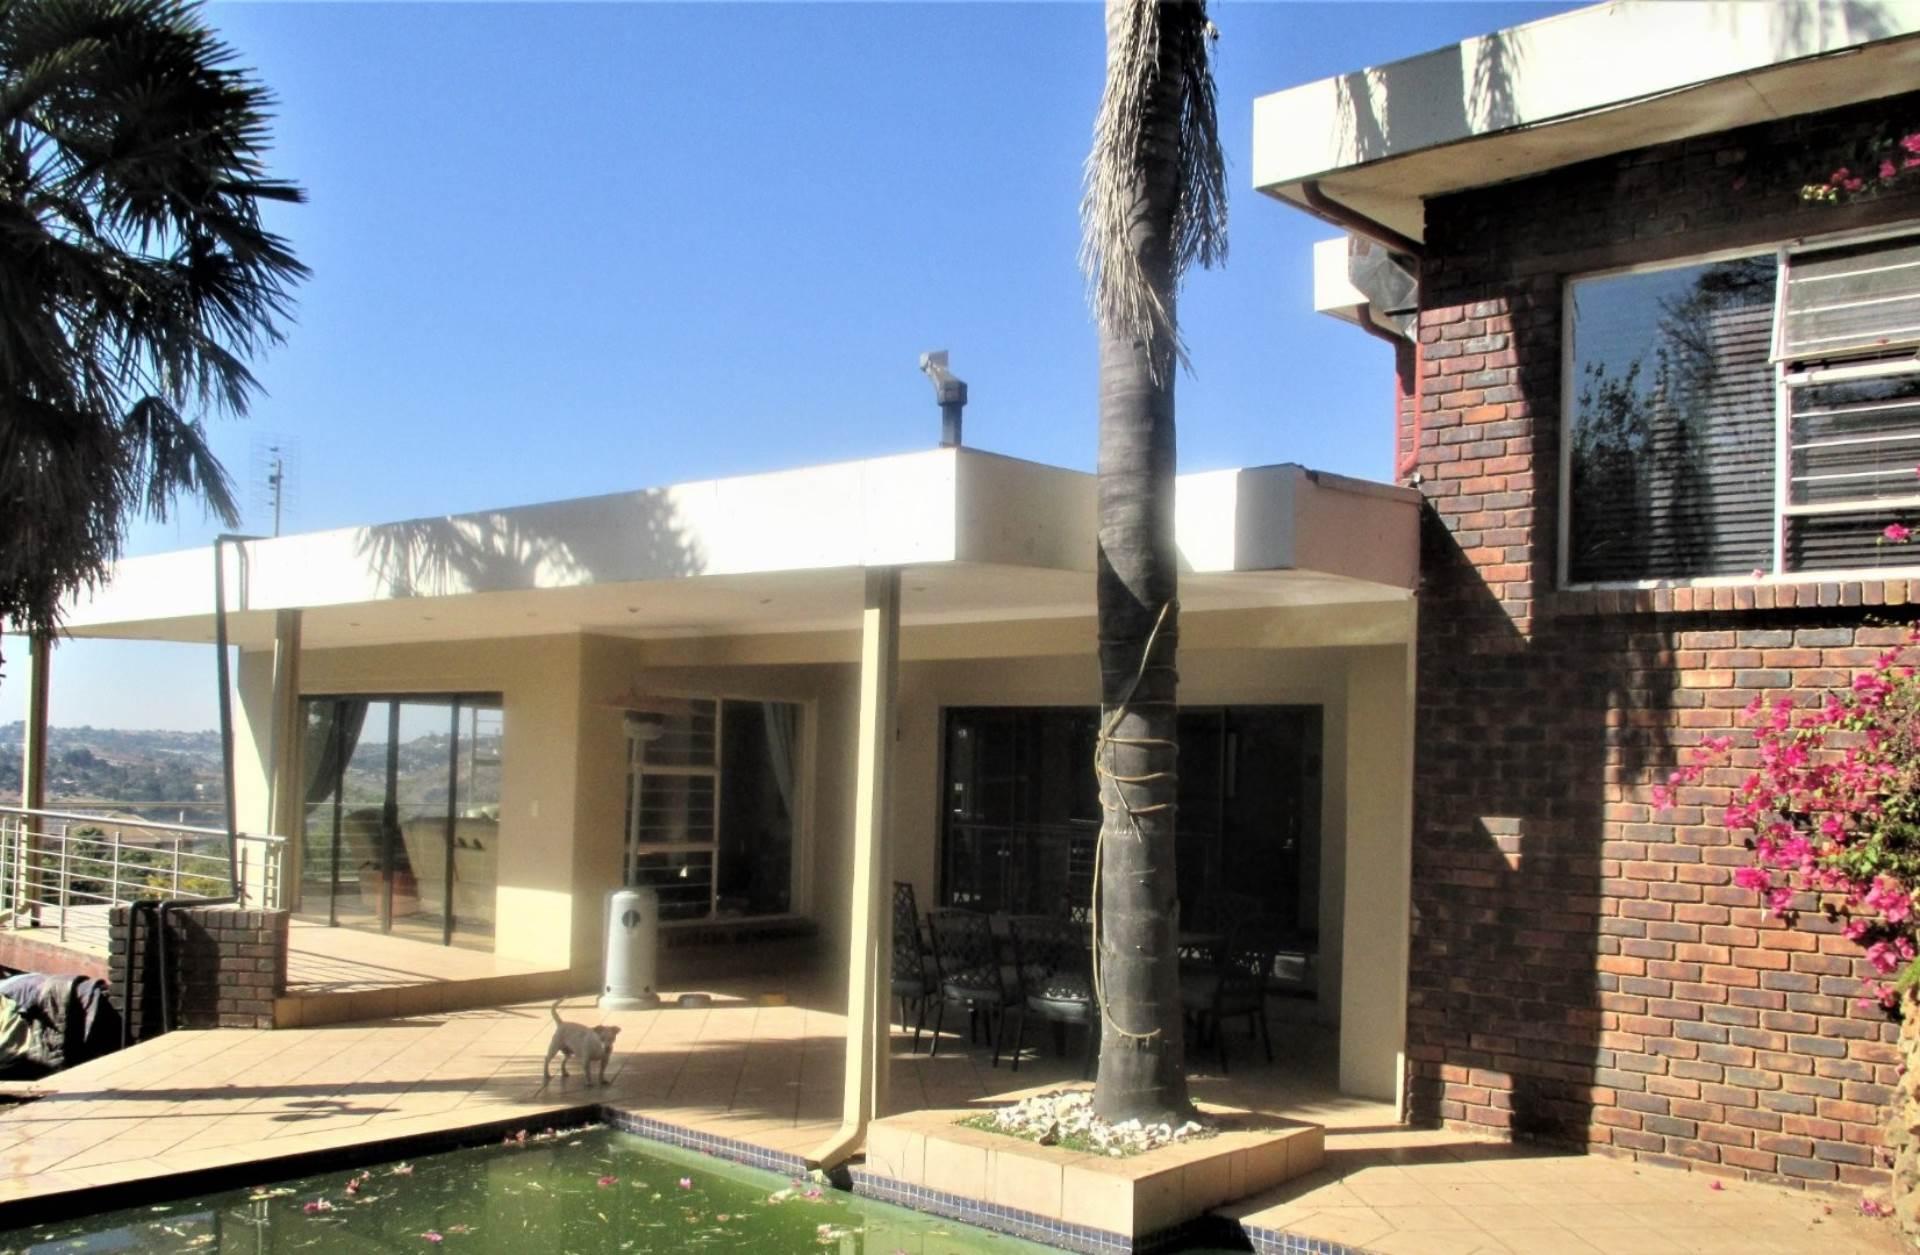 Property in Roodepoort, Krugersdorp, Randburg - West Rand